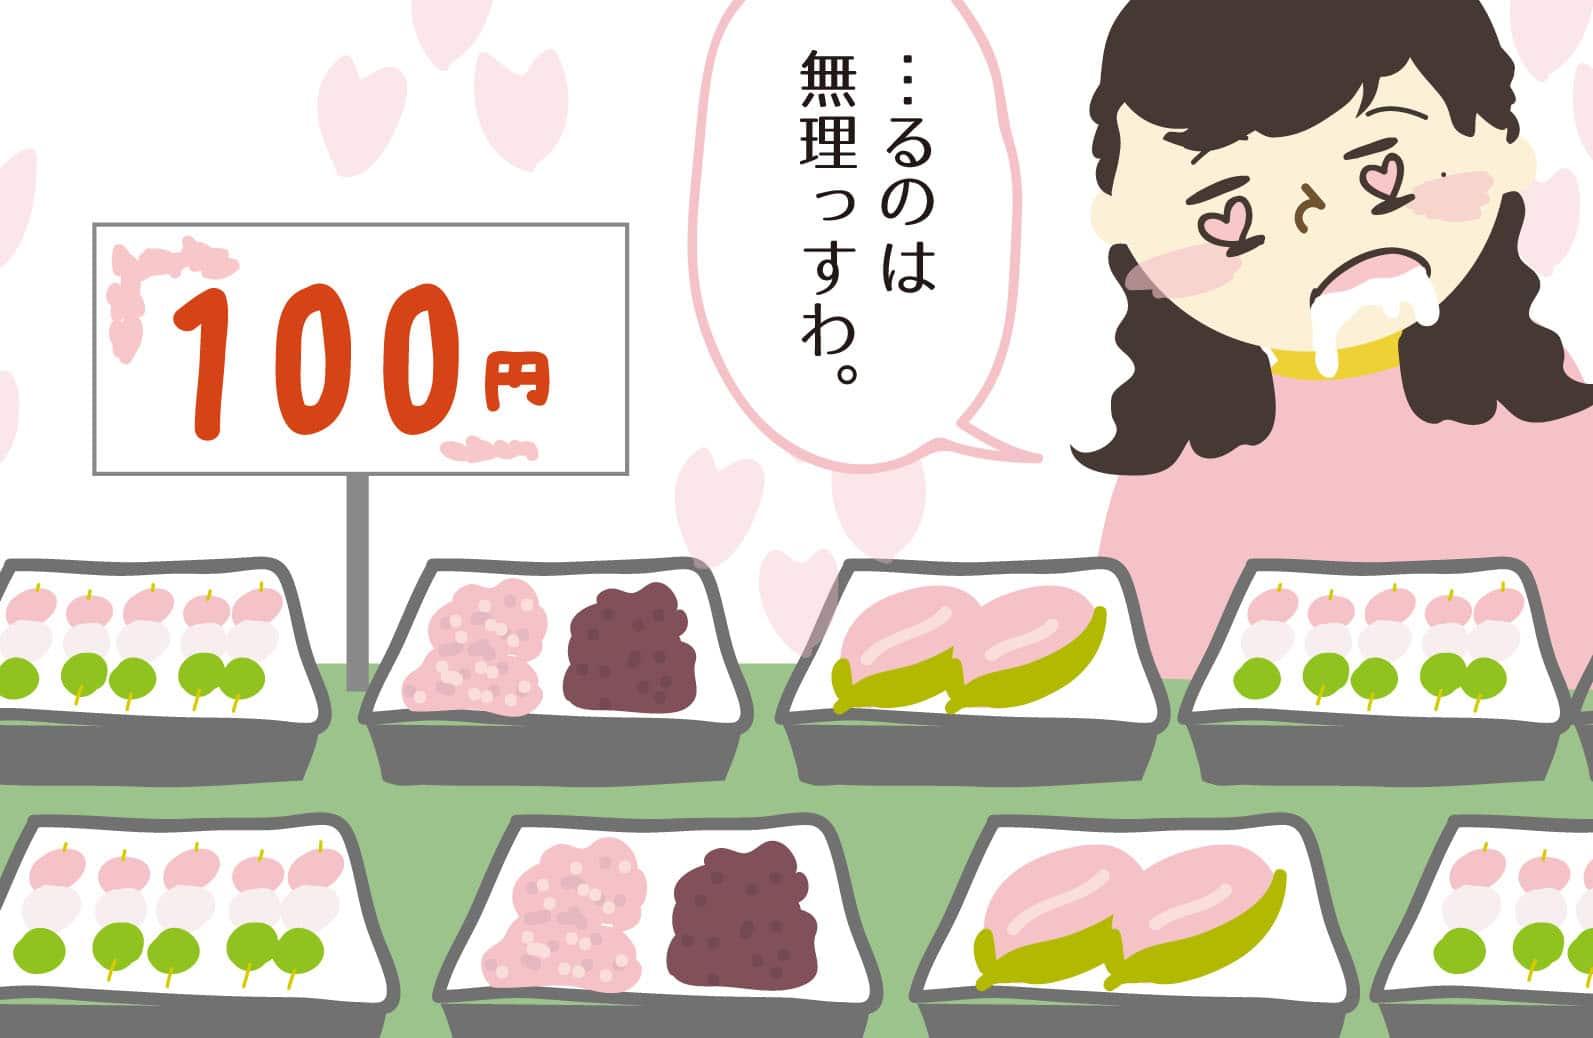 めっちゃ太るよ日本旅行。